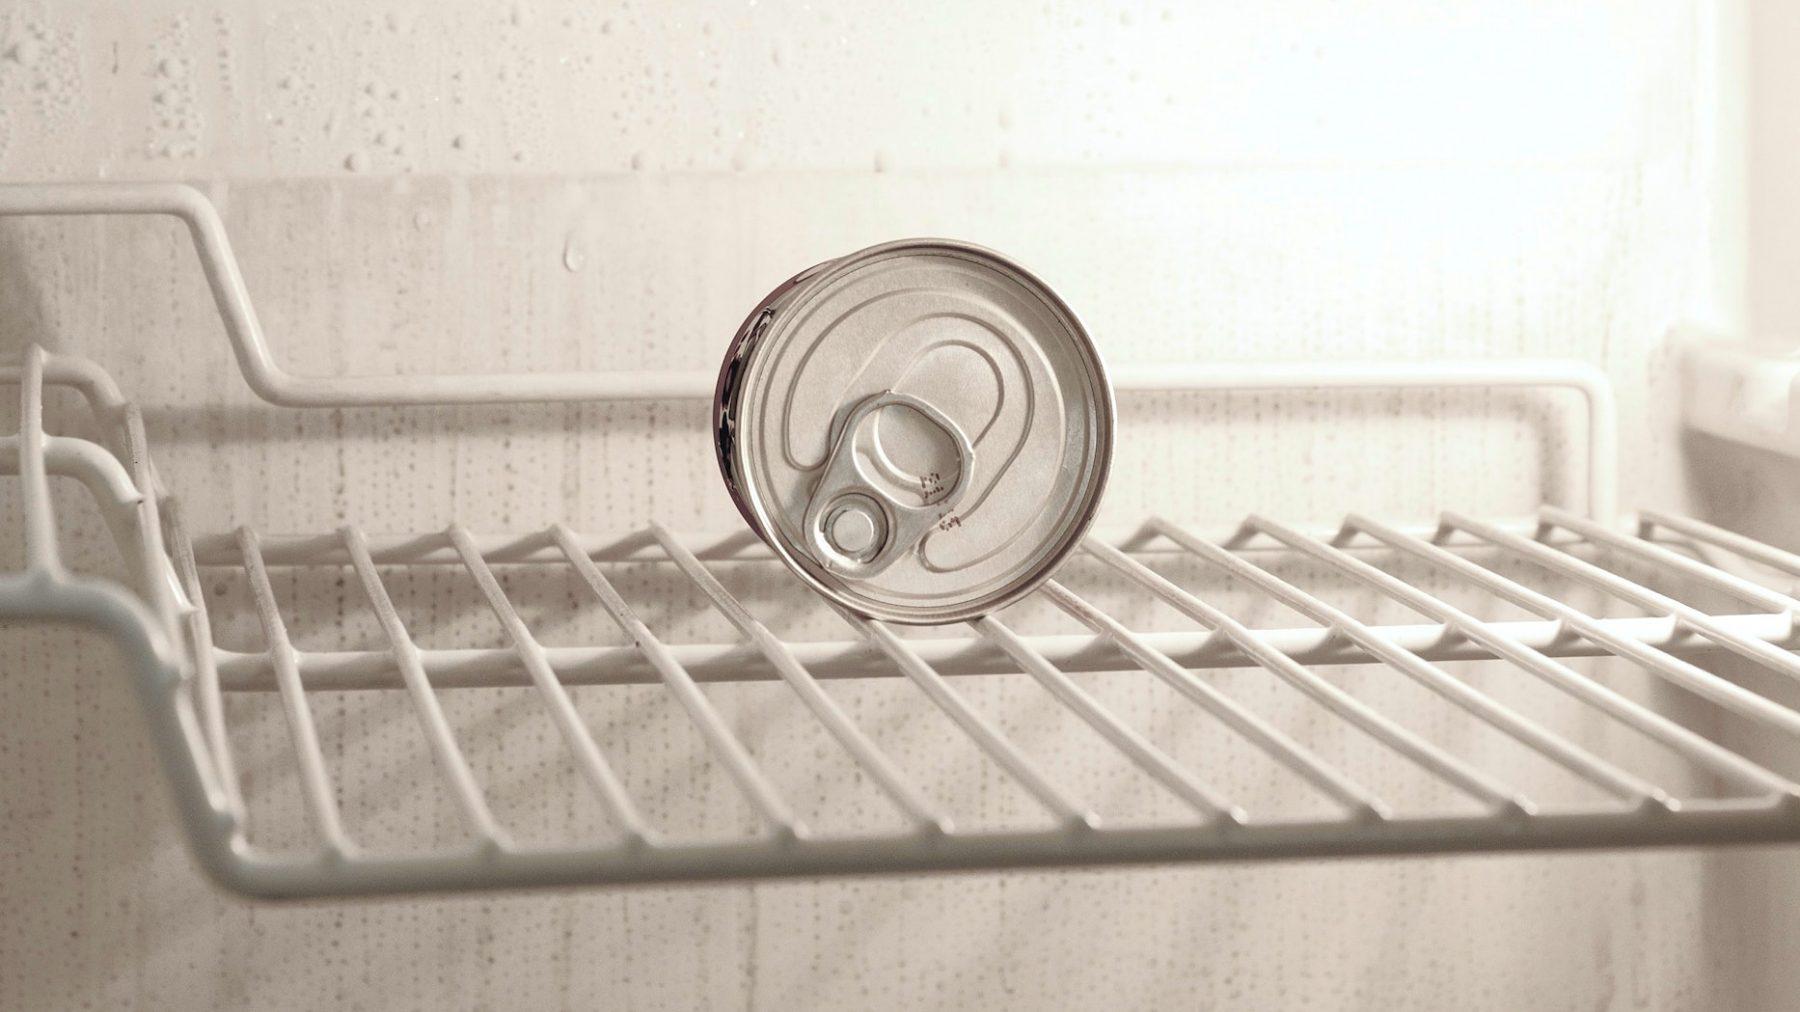 Redacteur Stijn laat zijn koelkast 'lezen': 'Zo, jij houdt wel van een feestje'